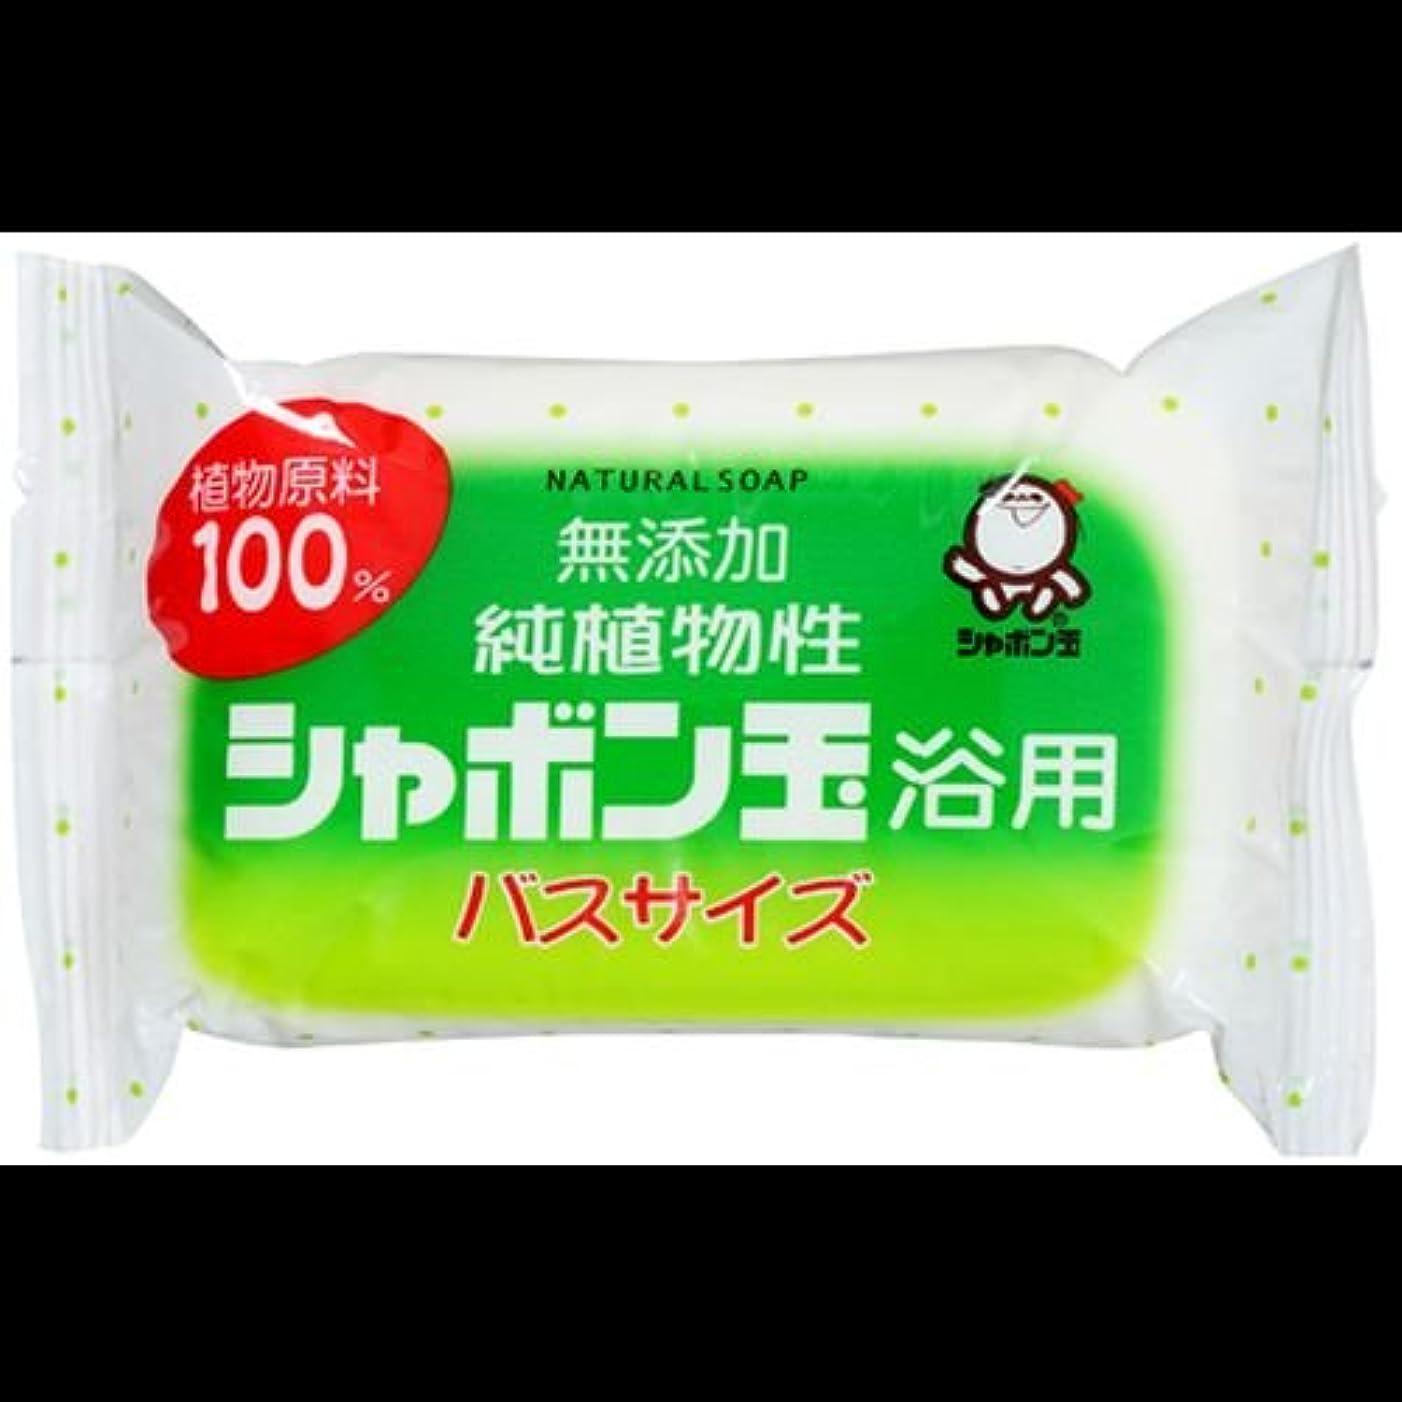 すばらしいですアルプス石膏【まとめ買い】純植物性シャボン玉 浴用 バスサイズ155g ×2セット